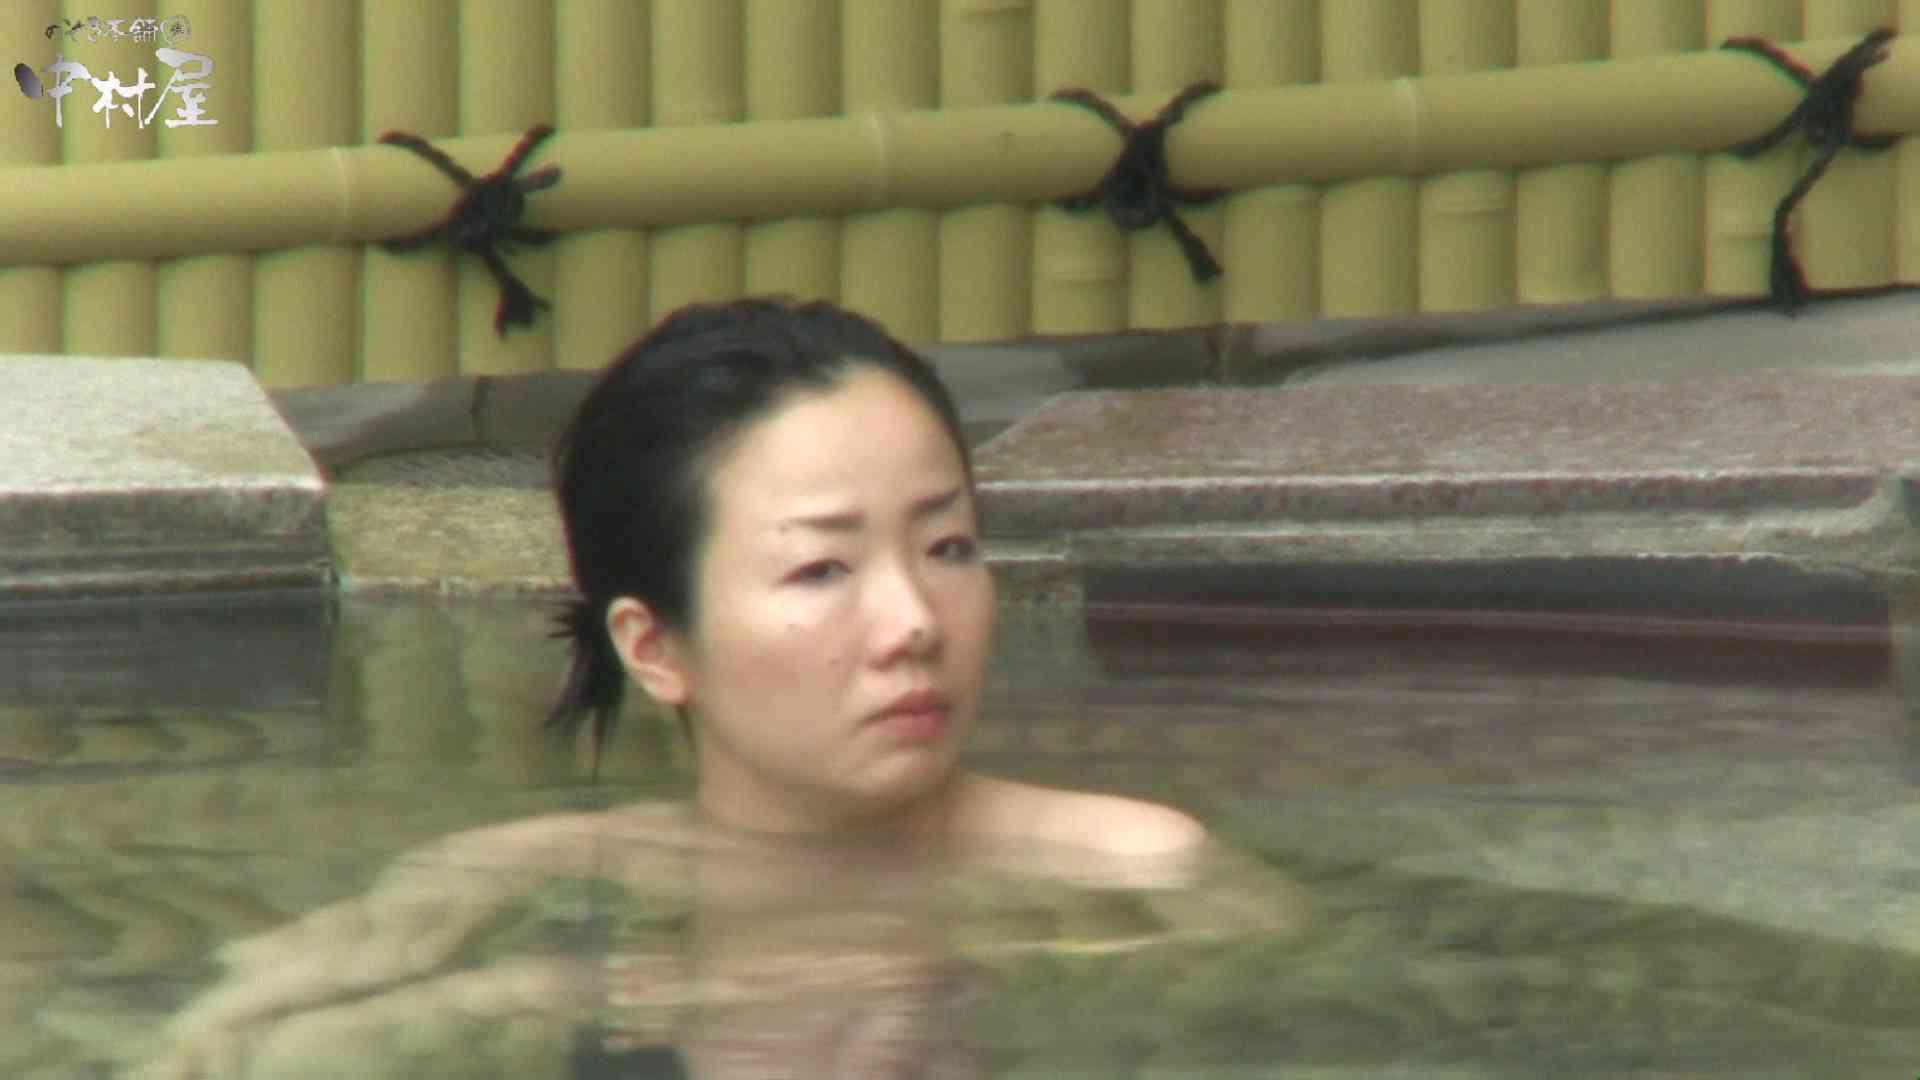 Aquaな露天風呂Vol.950 美しいOLの裸体  75pic 24